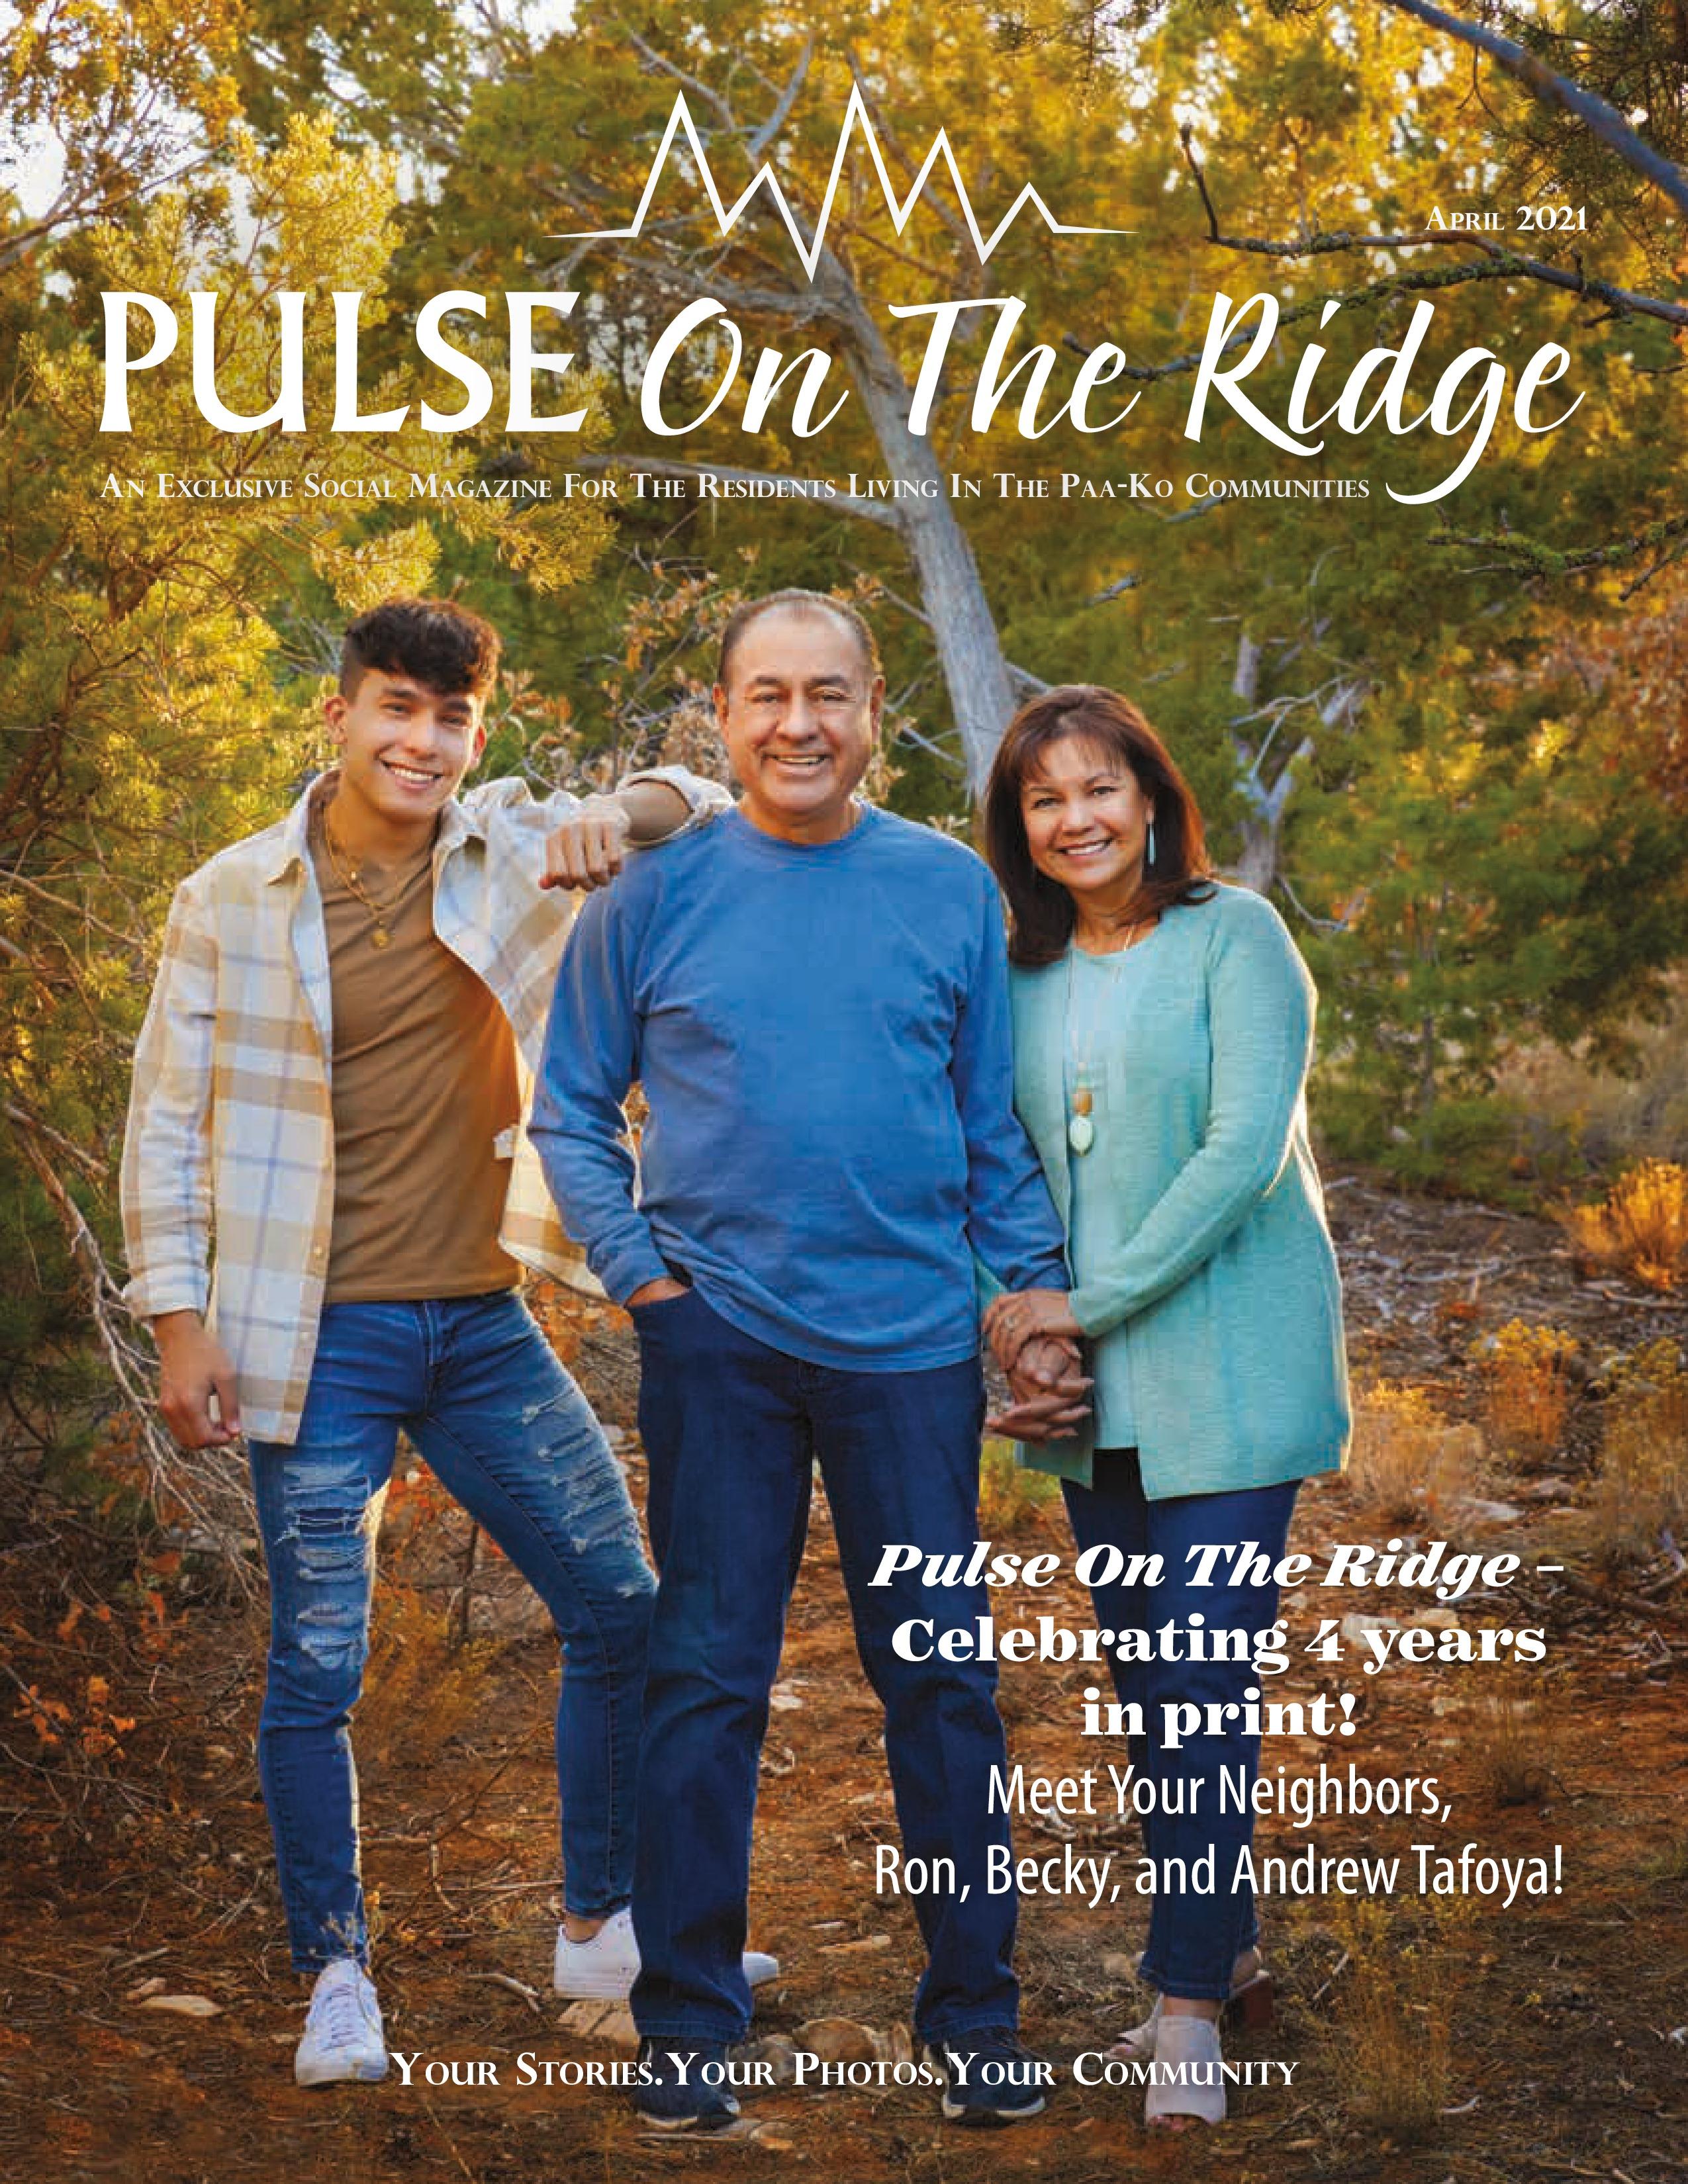 Pulse on the Ridge 2021-04-01